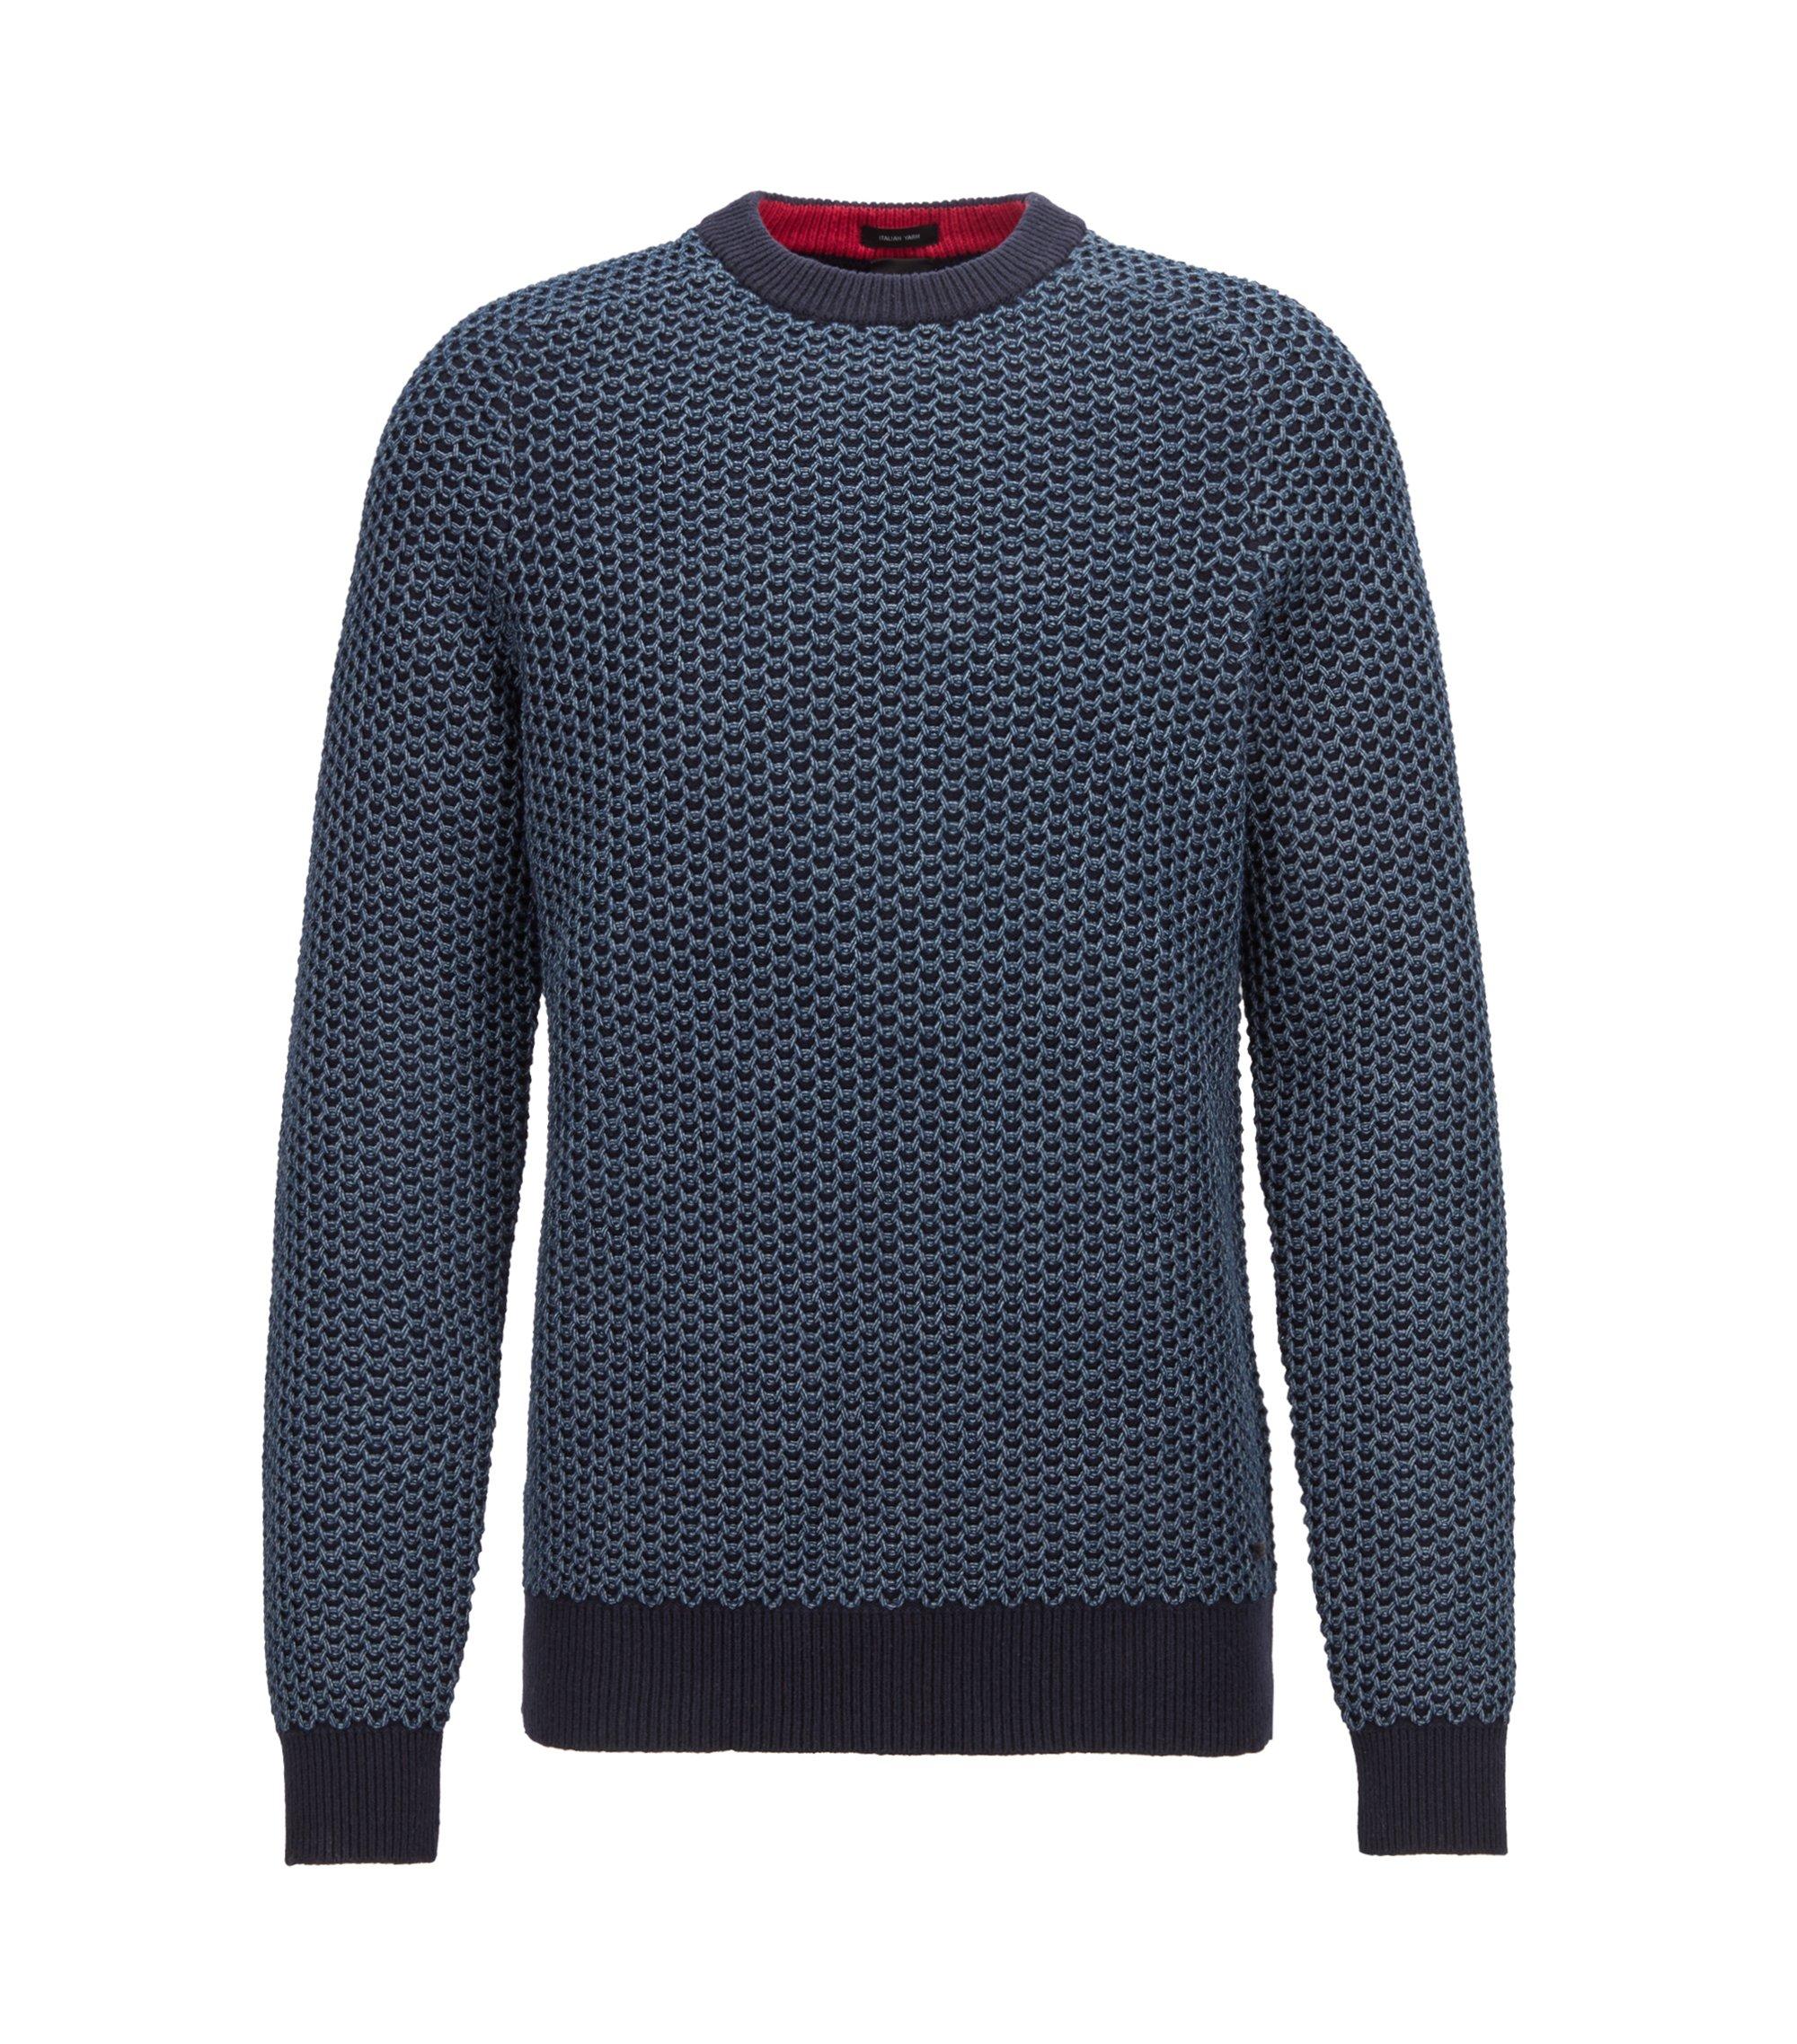 Pull bicolore en coton mélangé à effet maille, Bleu foncé